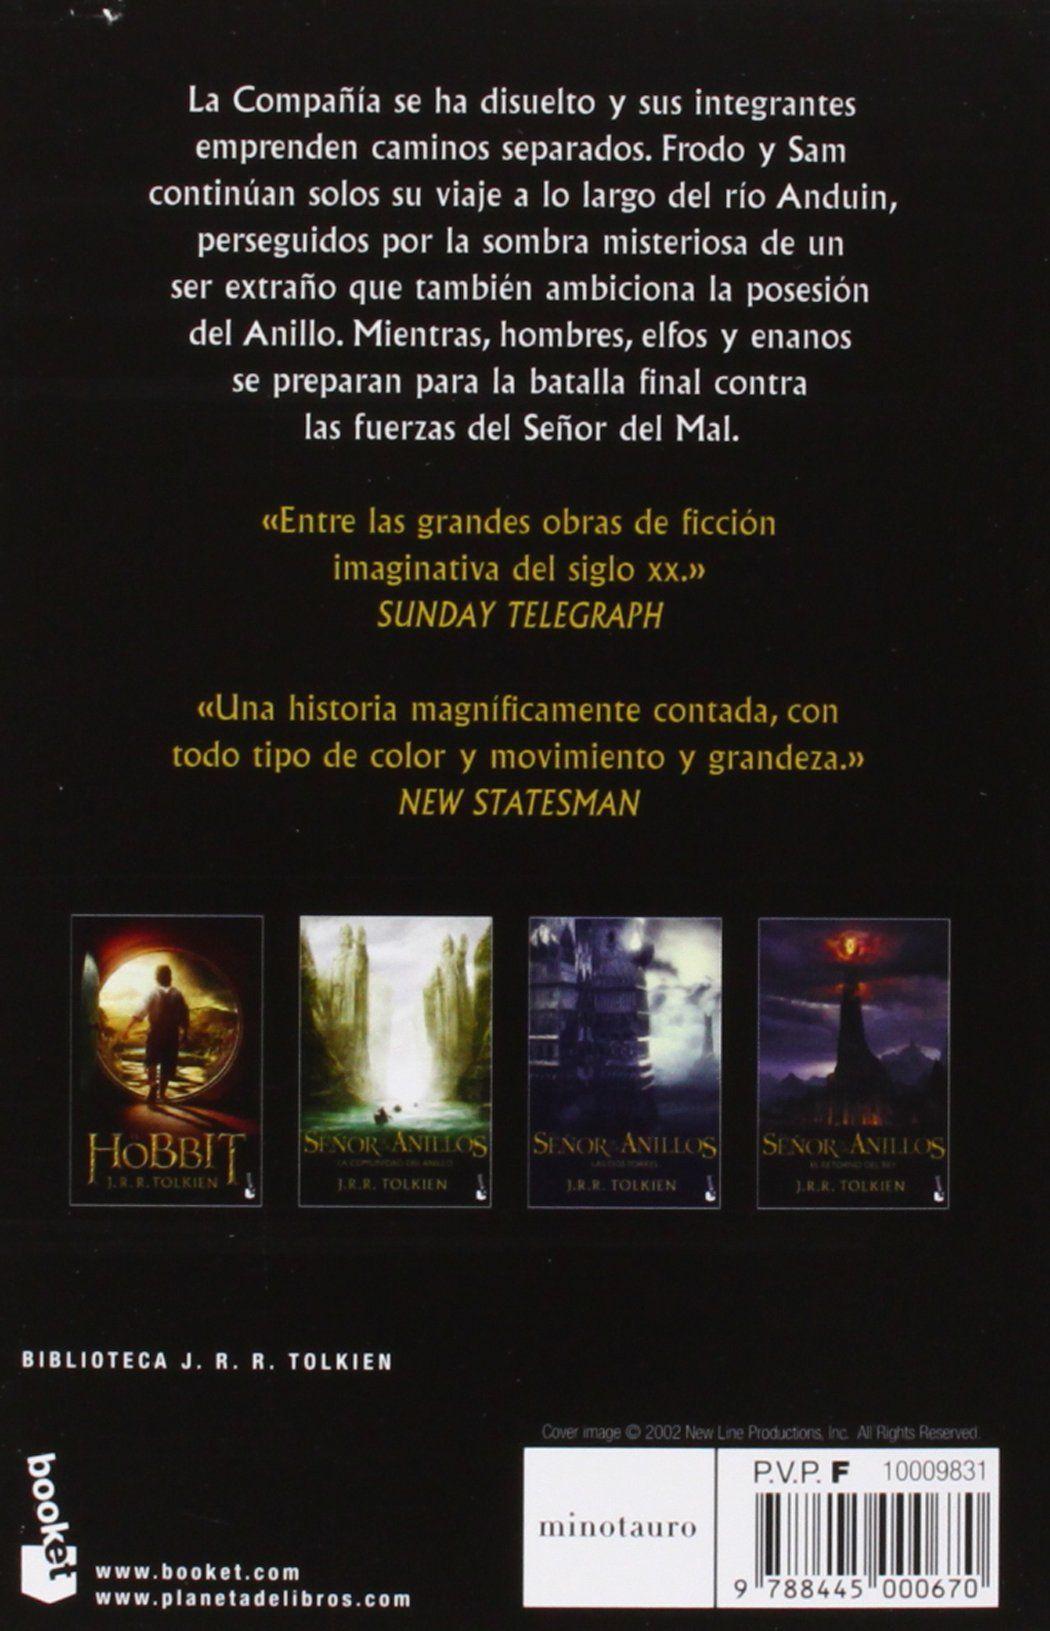 Pack Tolkien El Hobbit La Comunidad Las Dos Torres El Retorno del Rey Biblioteca  J. R. R. Tolkien